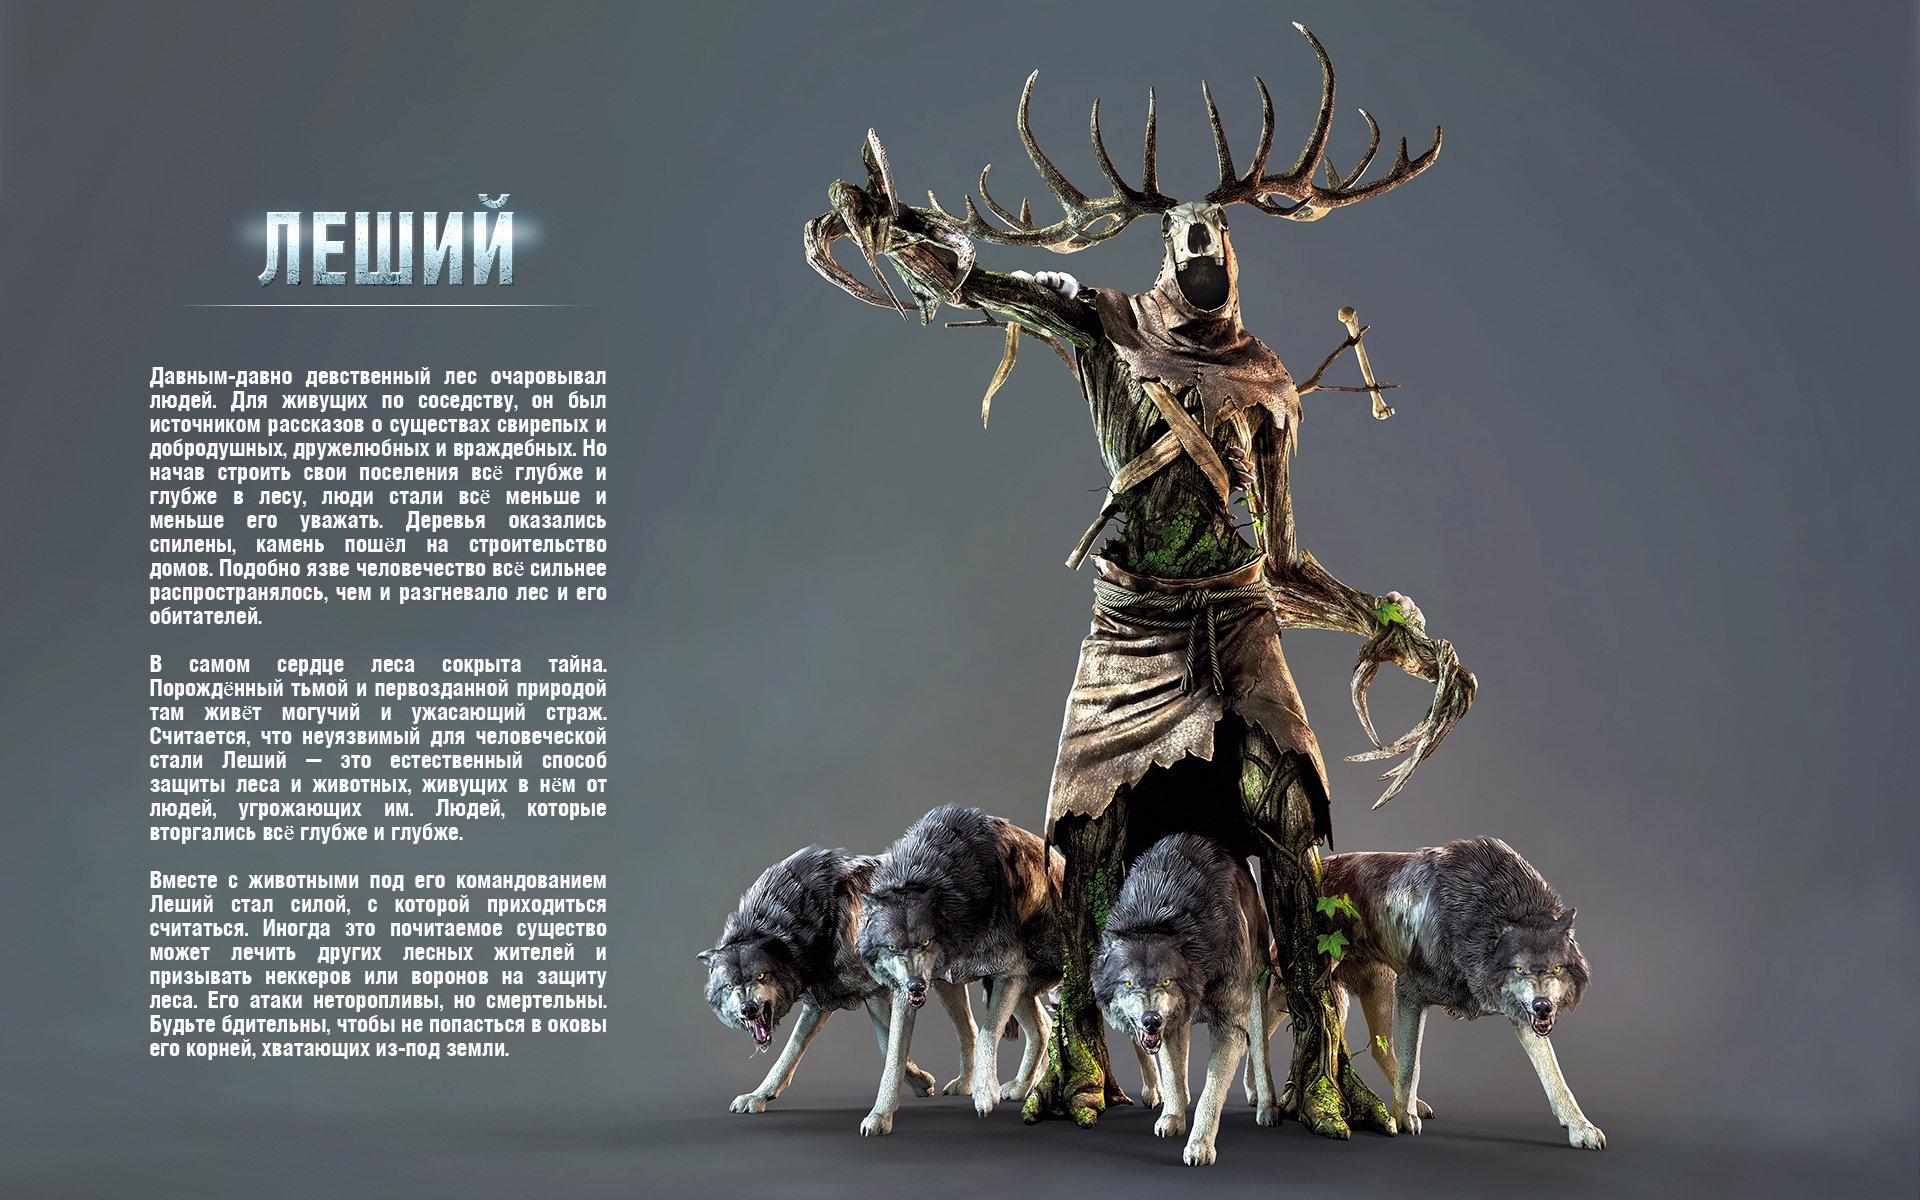 Бестиарий.   CD Projekt RED начали рассказывать нам о монстрах из Ведьмака 3.             Ждем грифона.            # ... - Изображение 1